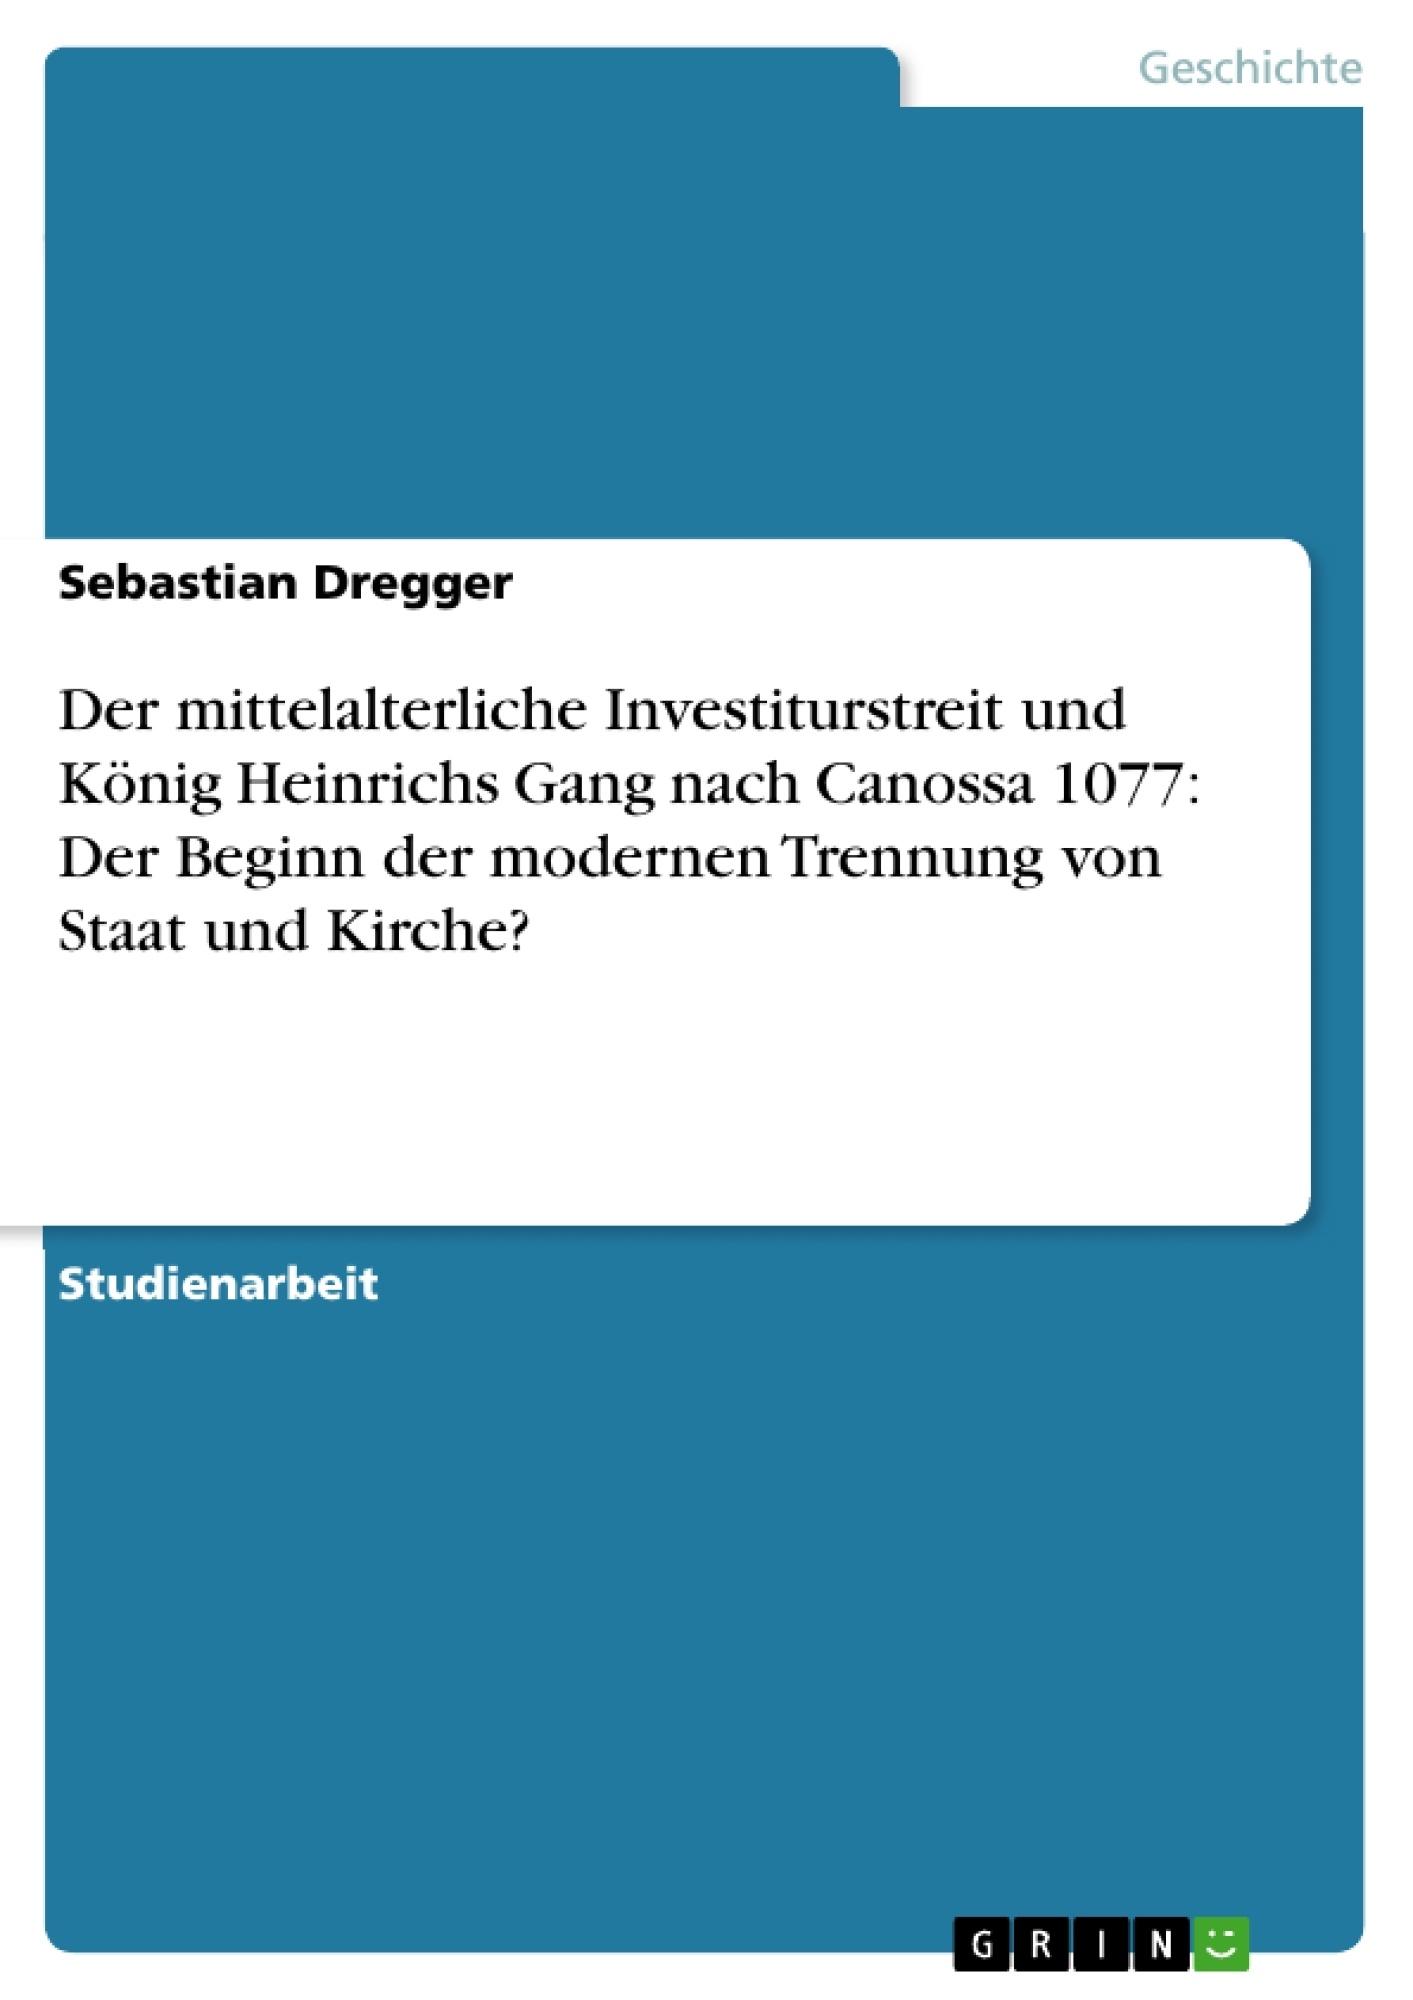 Titel: Der mittelalterliche Investiturstreit und König Heinrichs Gang nach Canossa 1077: Der Beginn der modernen Trennung von Staat und Kirche?